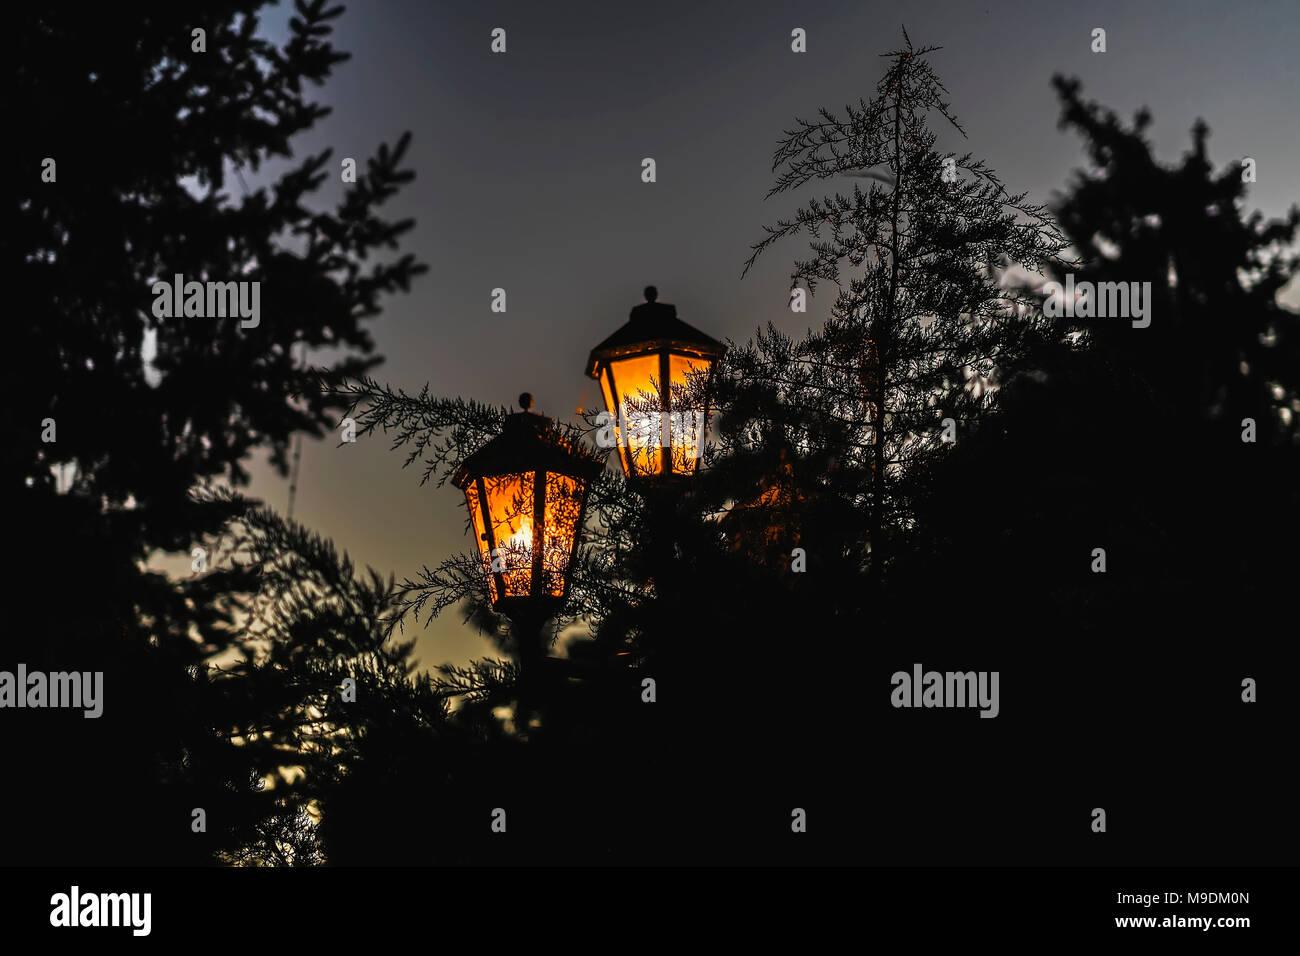 Calle la luz luminosa sobre los antecedentes de coníferas, branckes resaltado Imagen De Stock